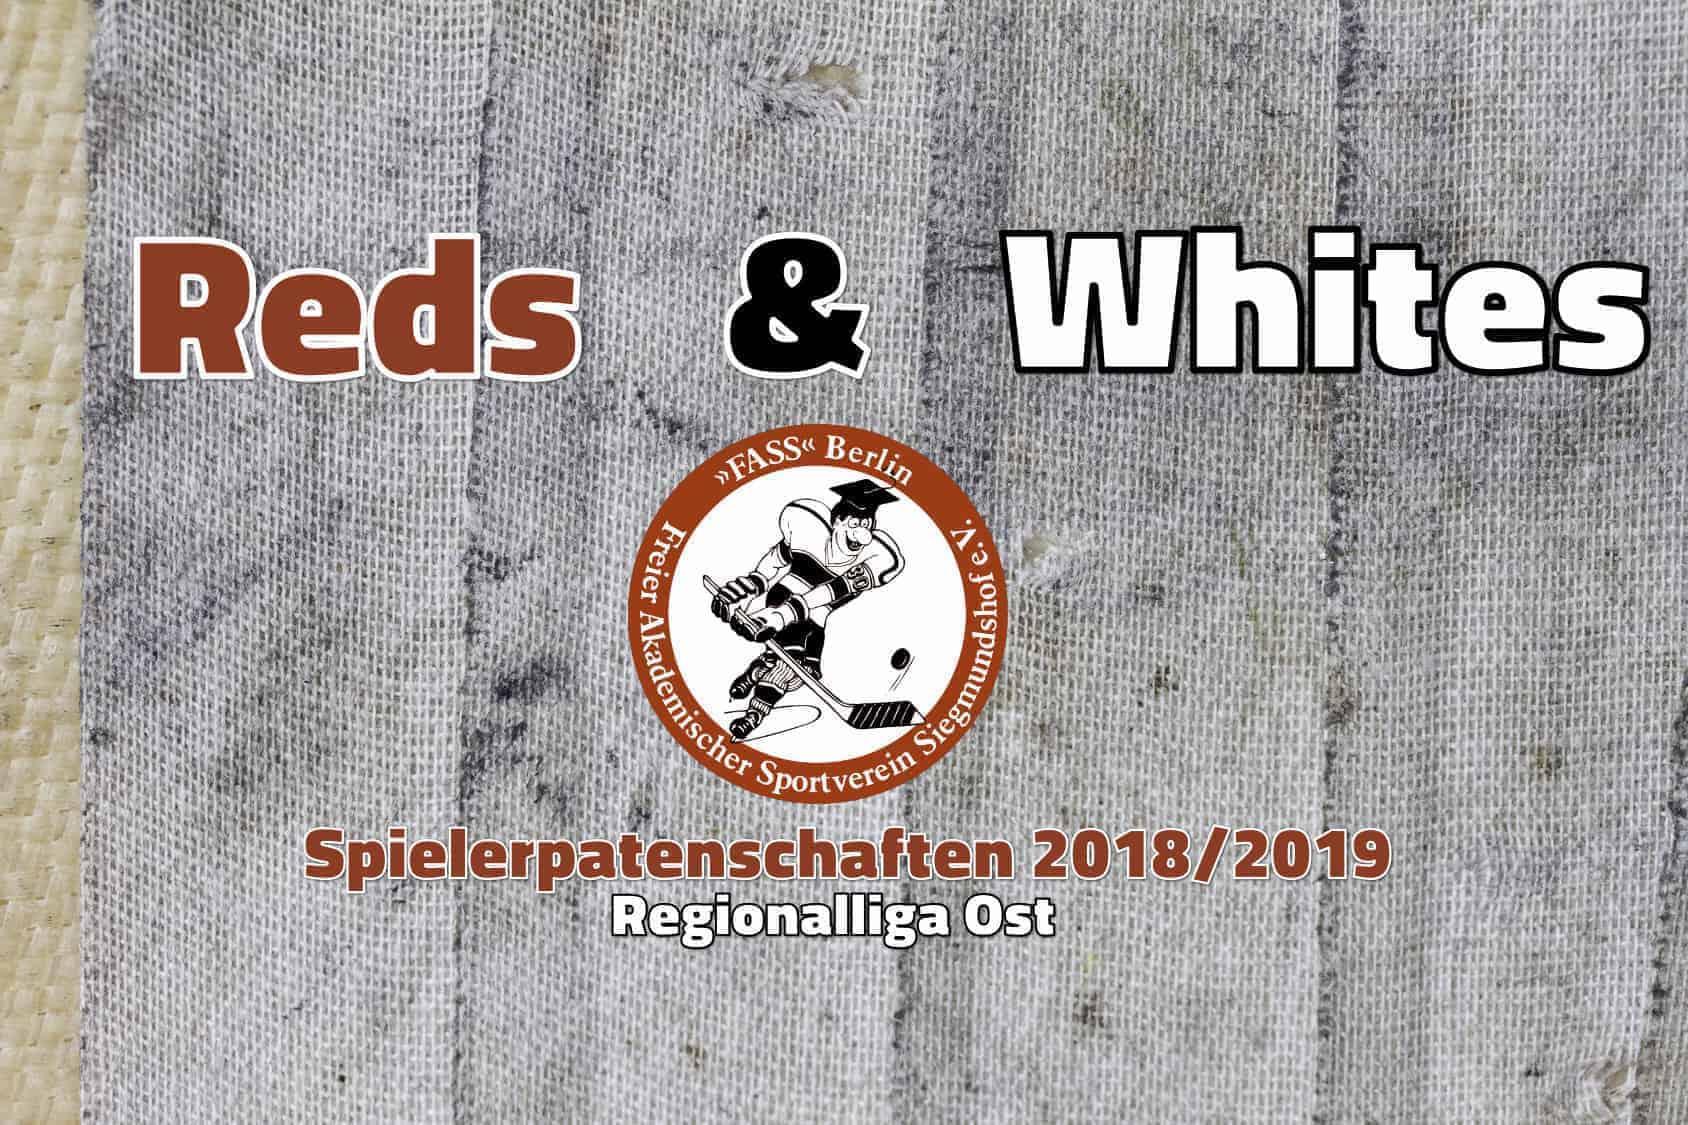 Reds & Whites